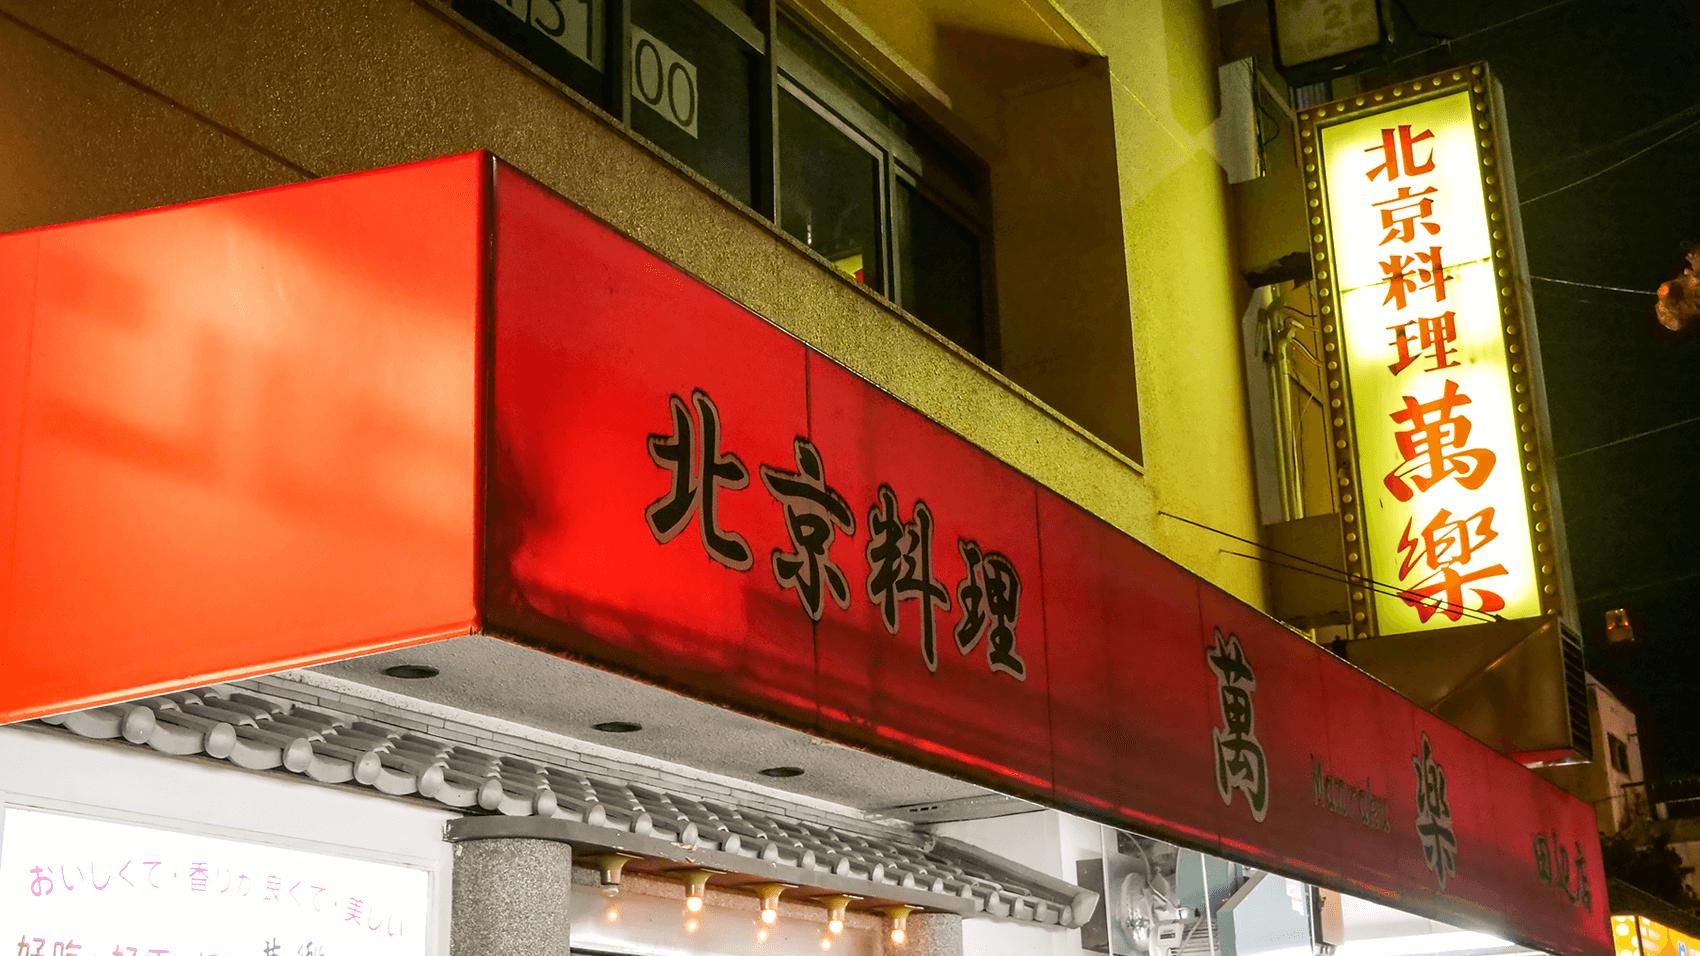 北京料理萬楽の外観その1